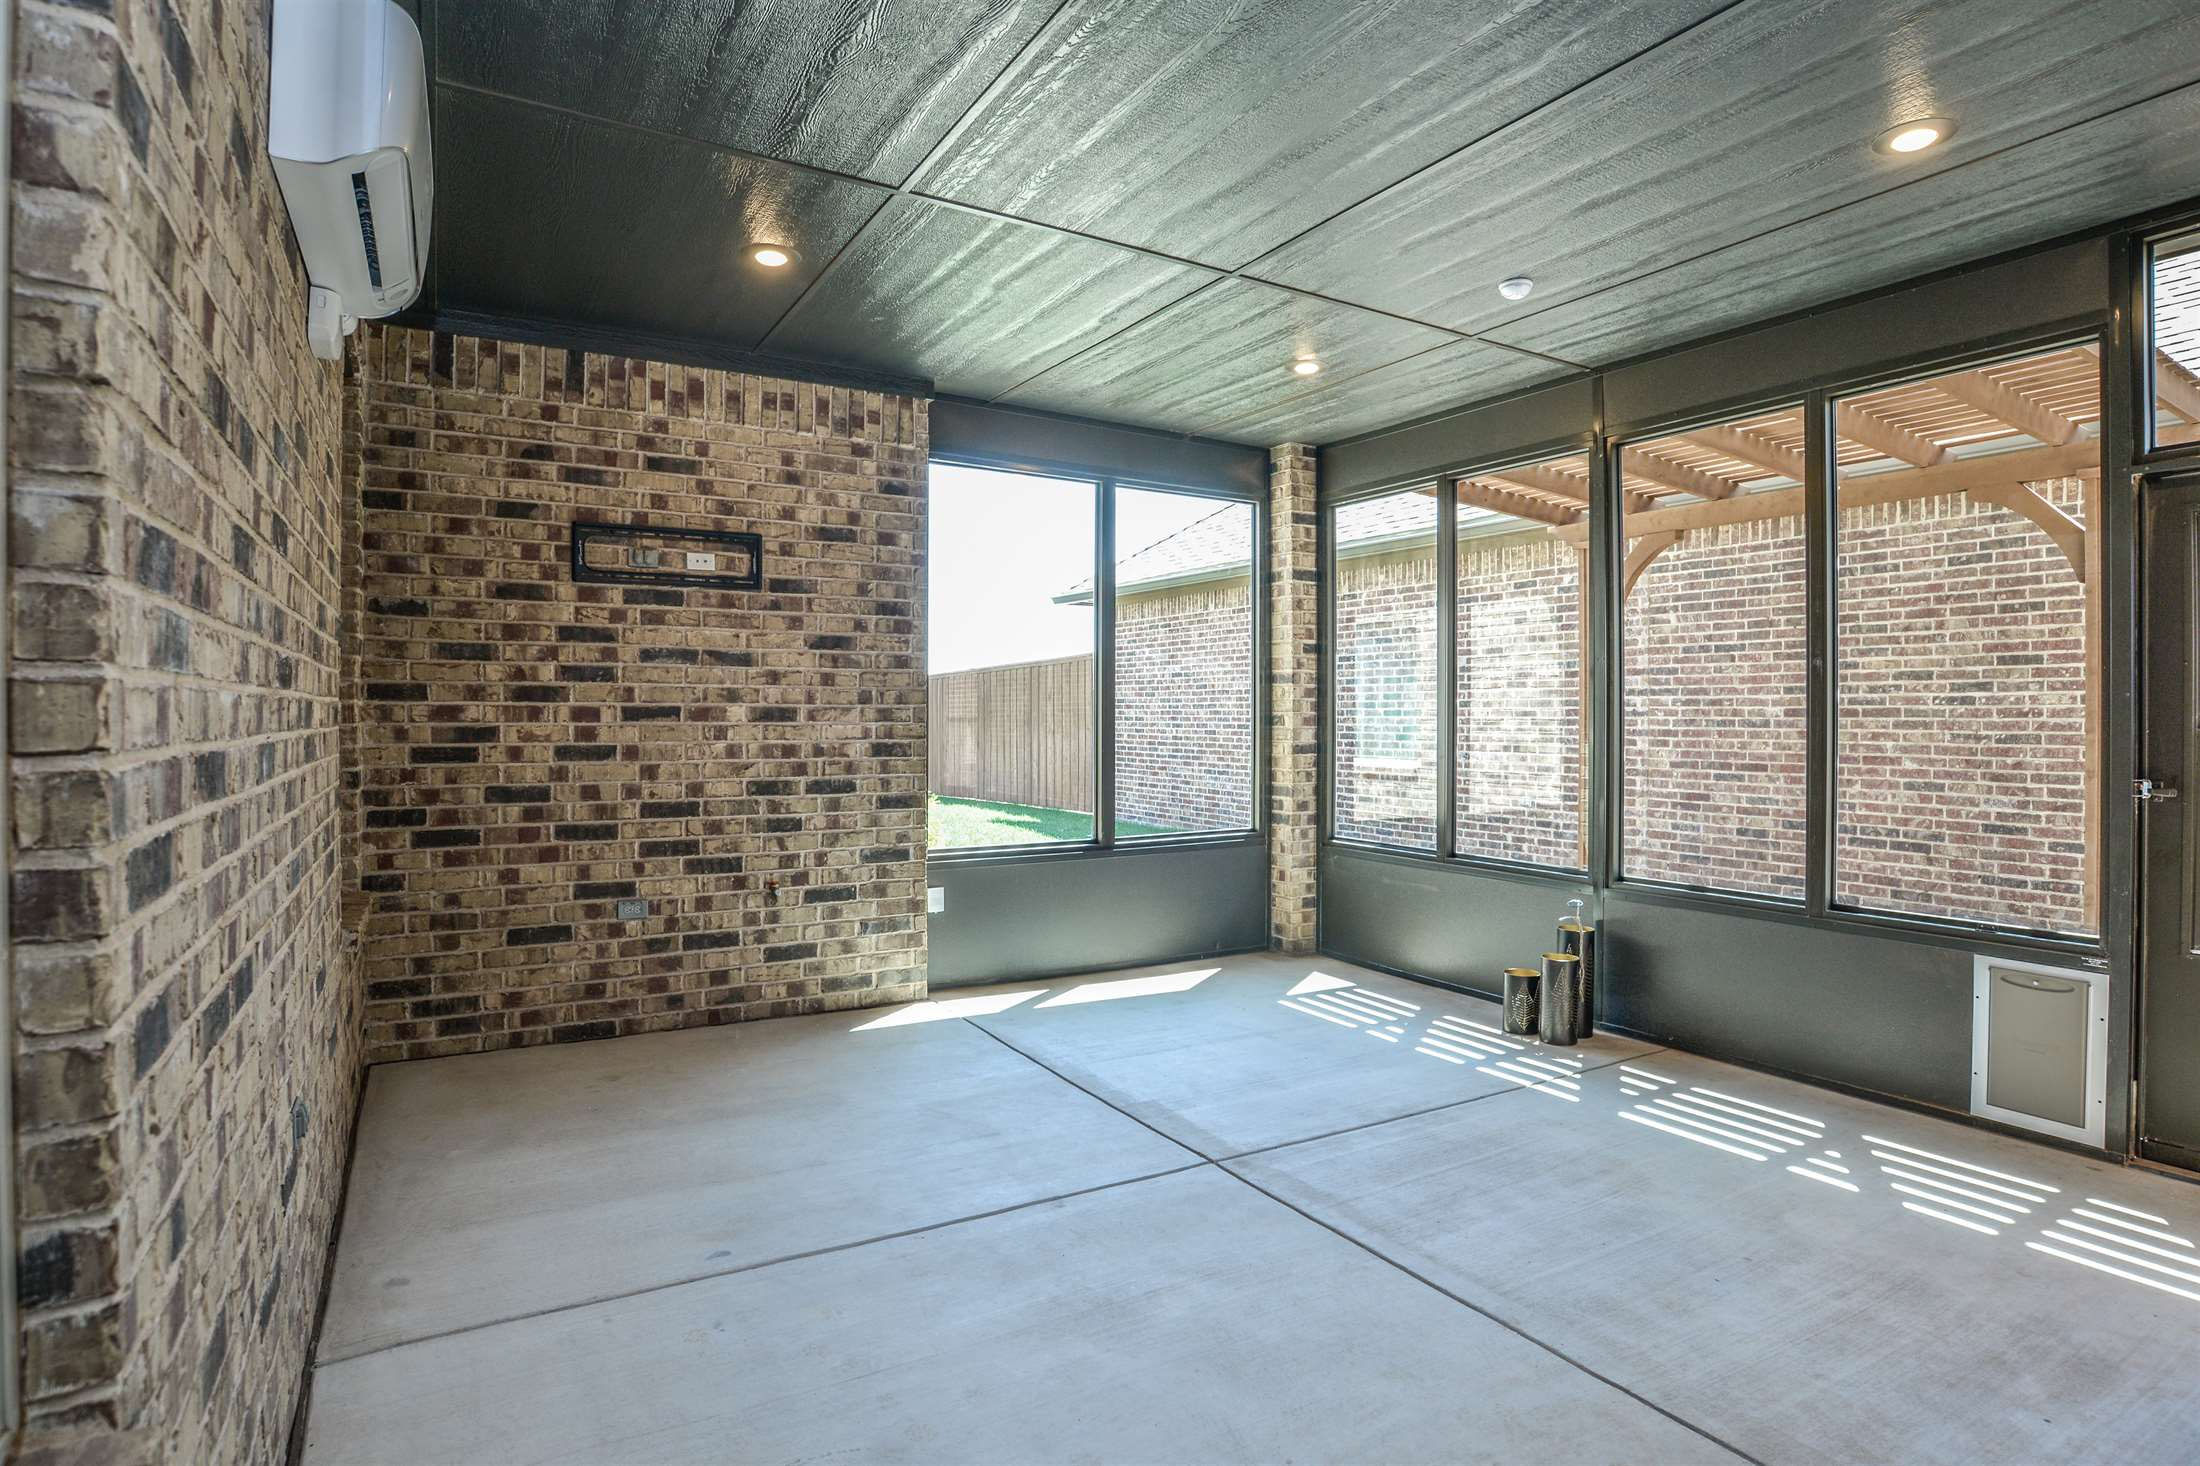 13903 Quinton Ave, Lubbock, TX 79424